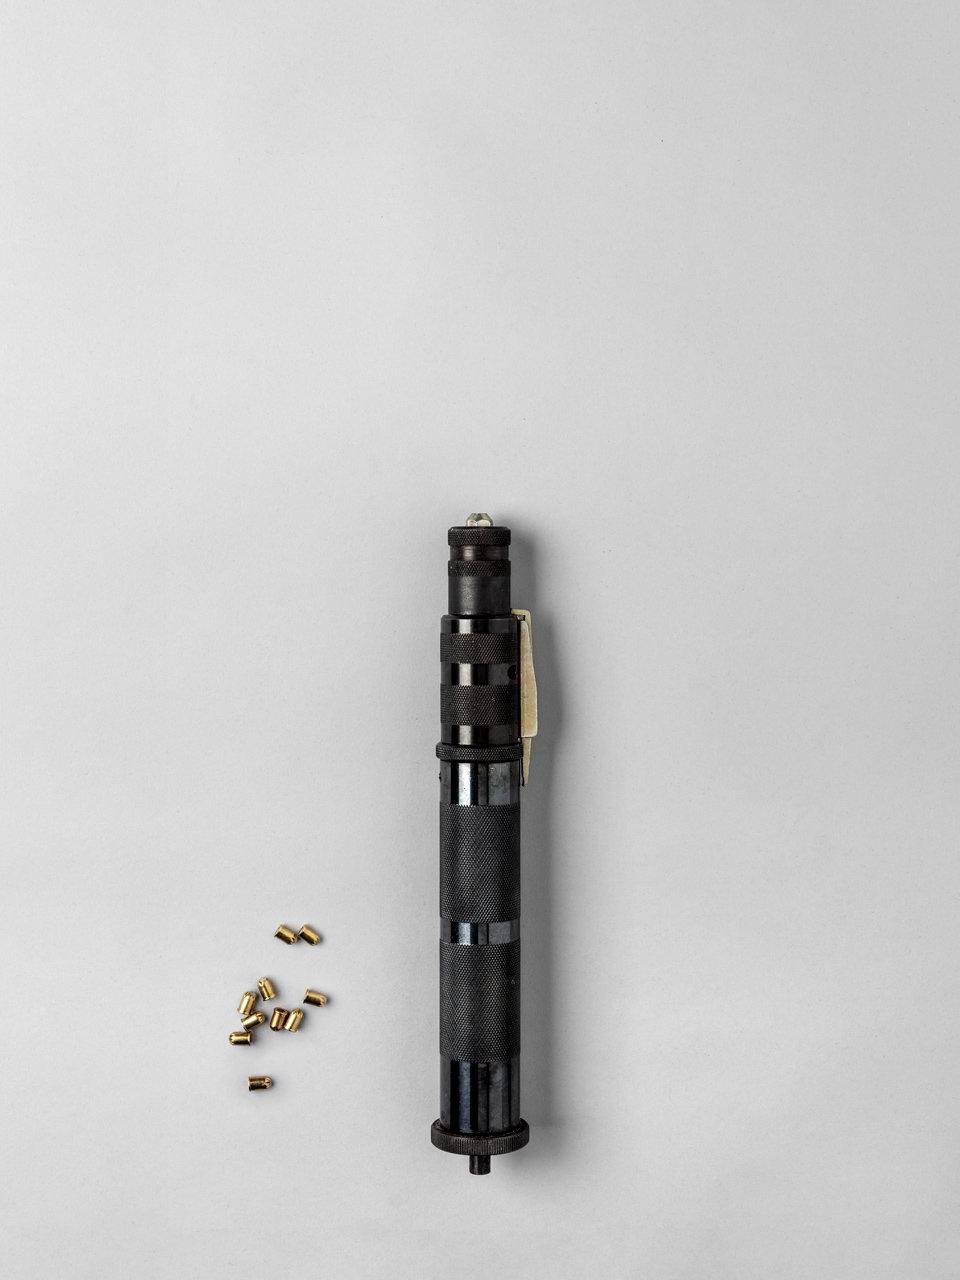 Bolzenschussgerät (Kaliber 9 mm)